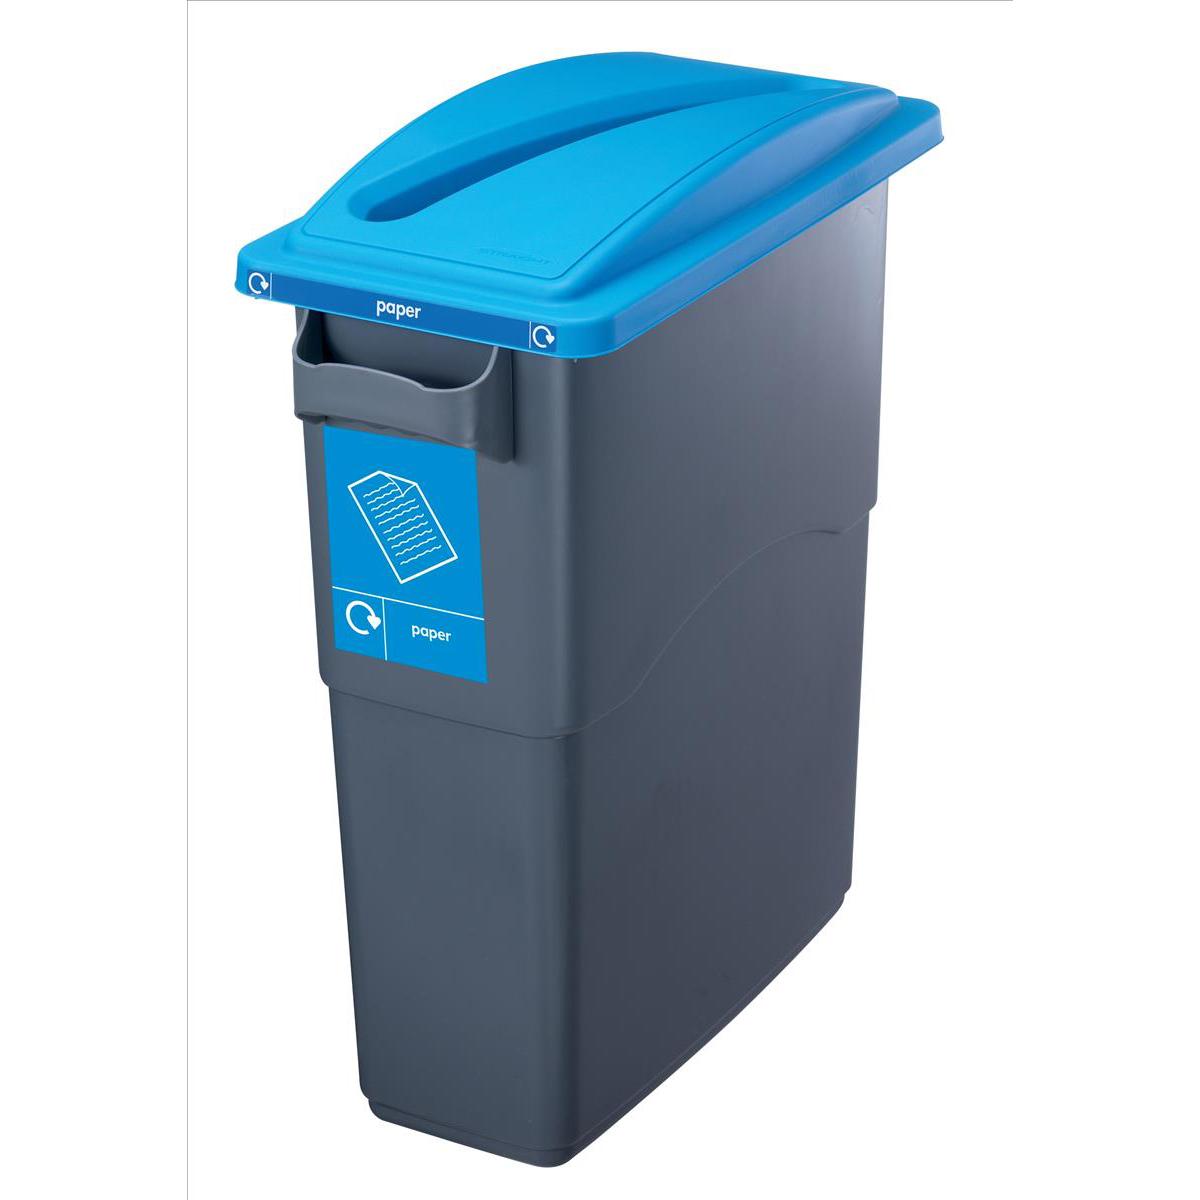 EcoSort Paper WstLid Blu SPICEECOPAPLID1